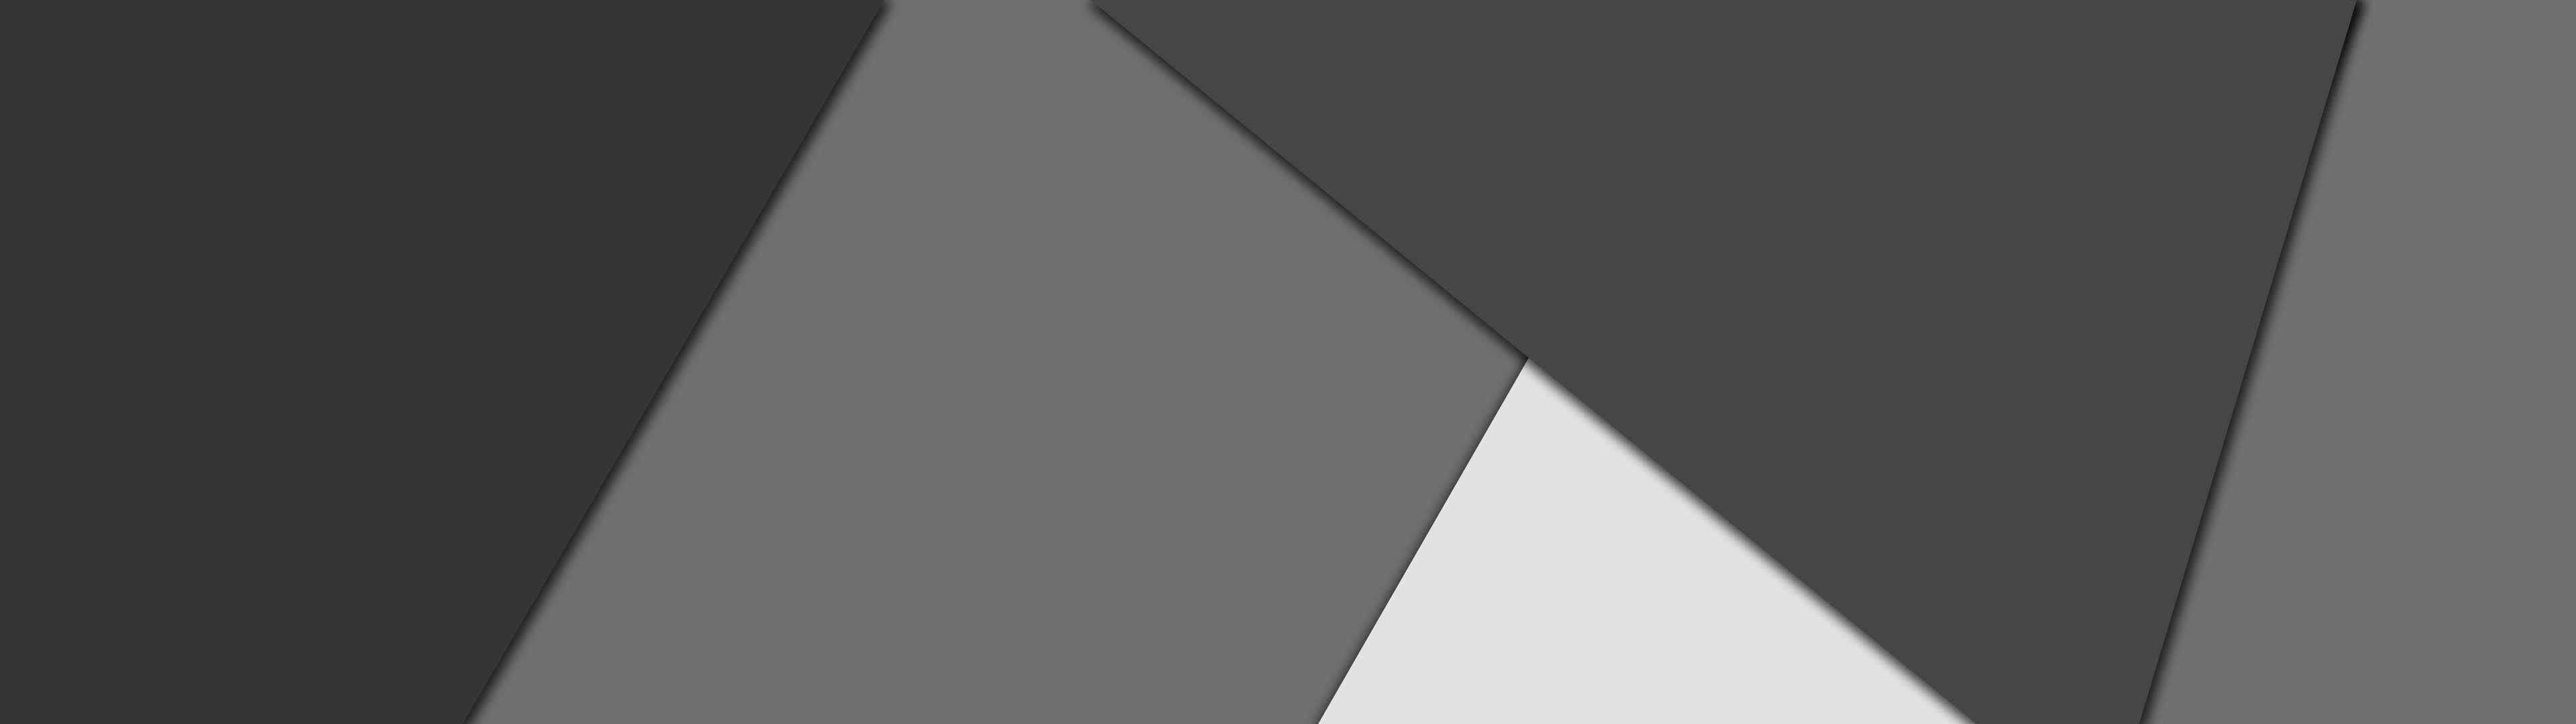 #black wallpaper #dark #dual 1920x1080 #dual monitor #grey #metro #